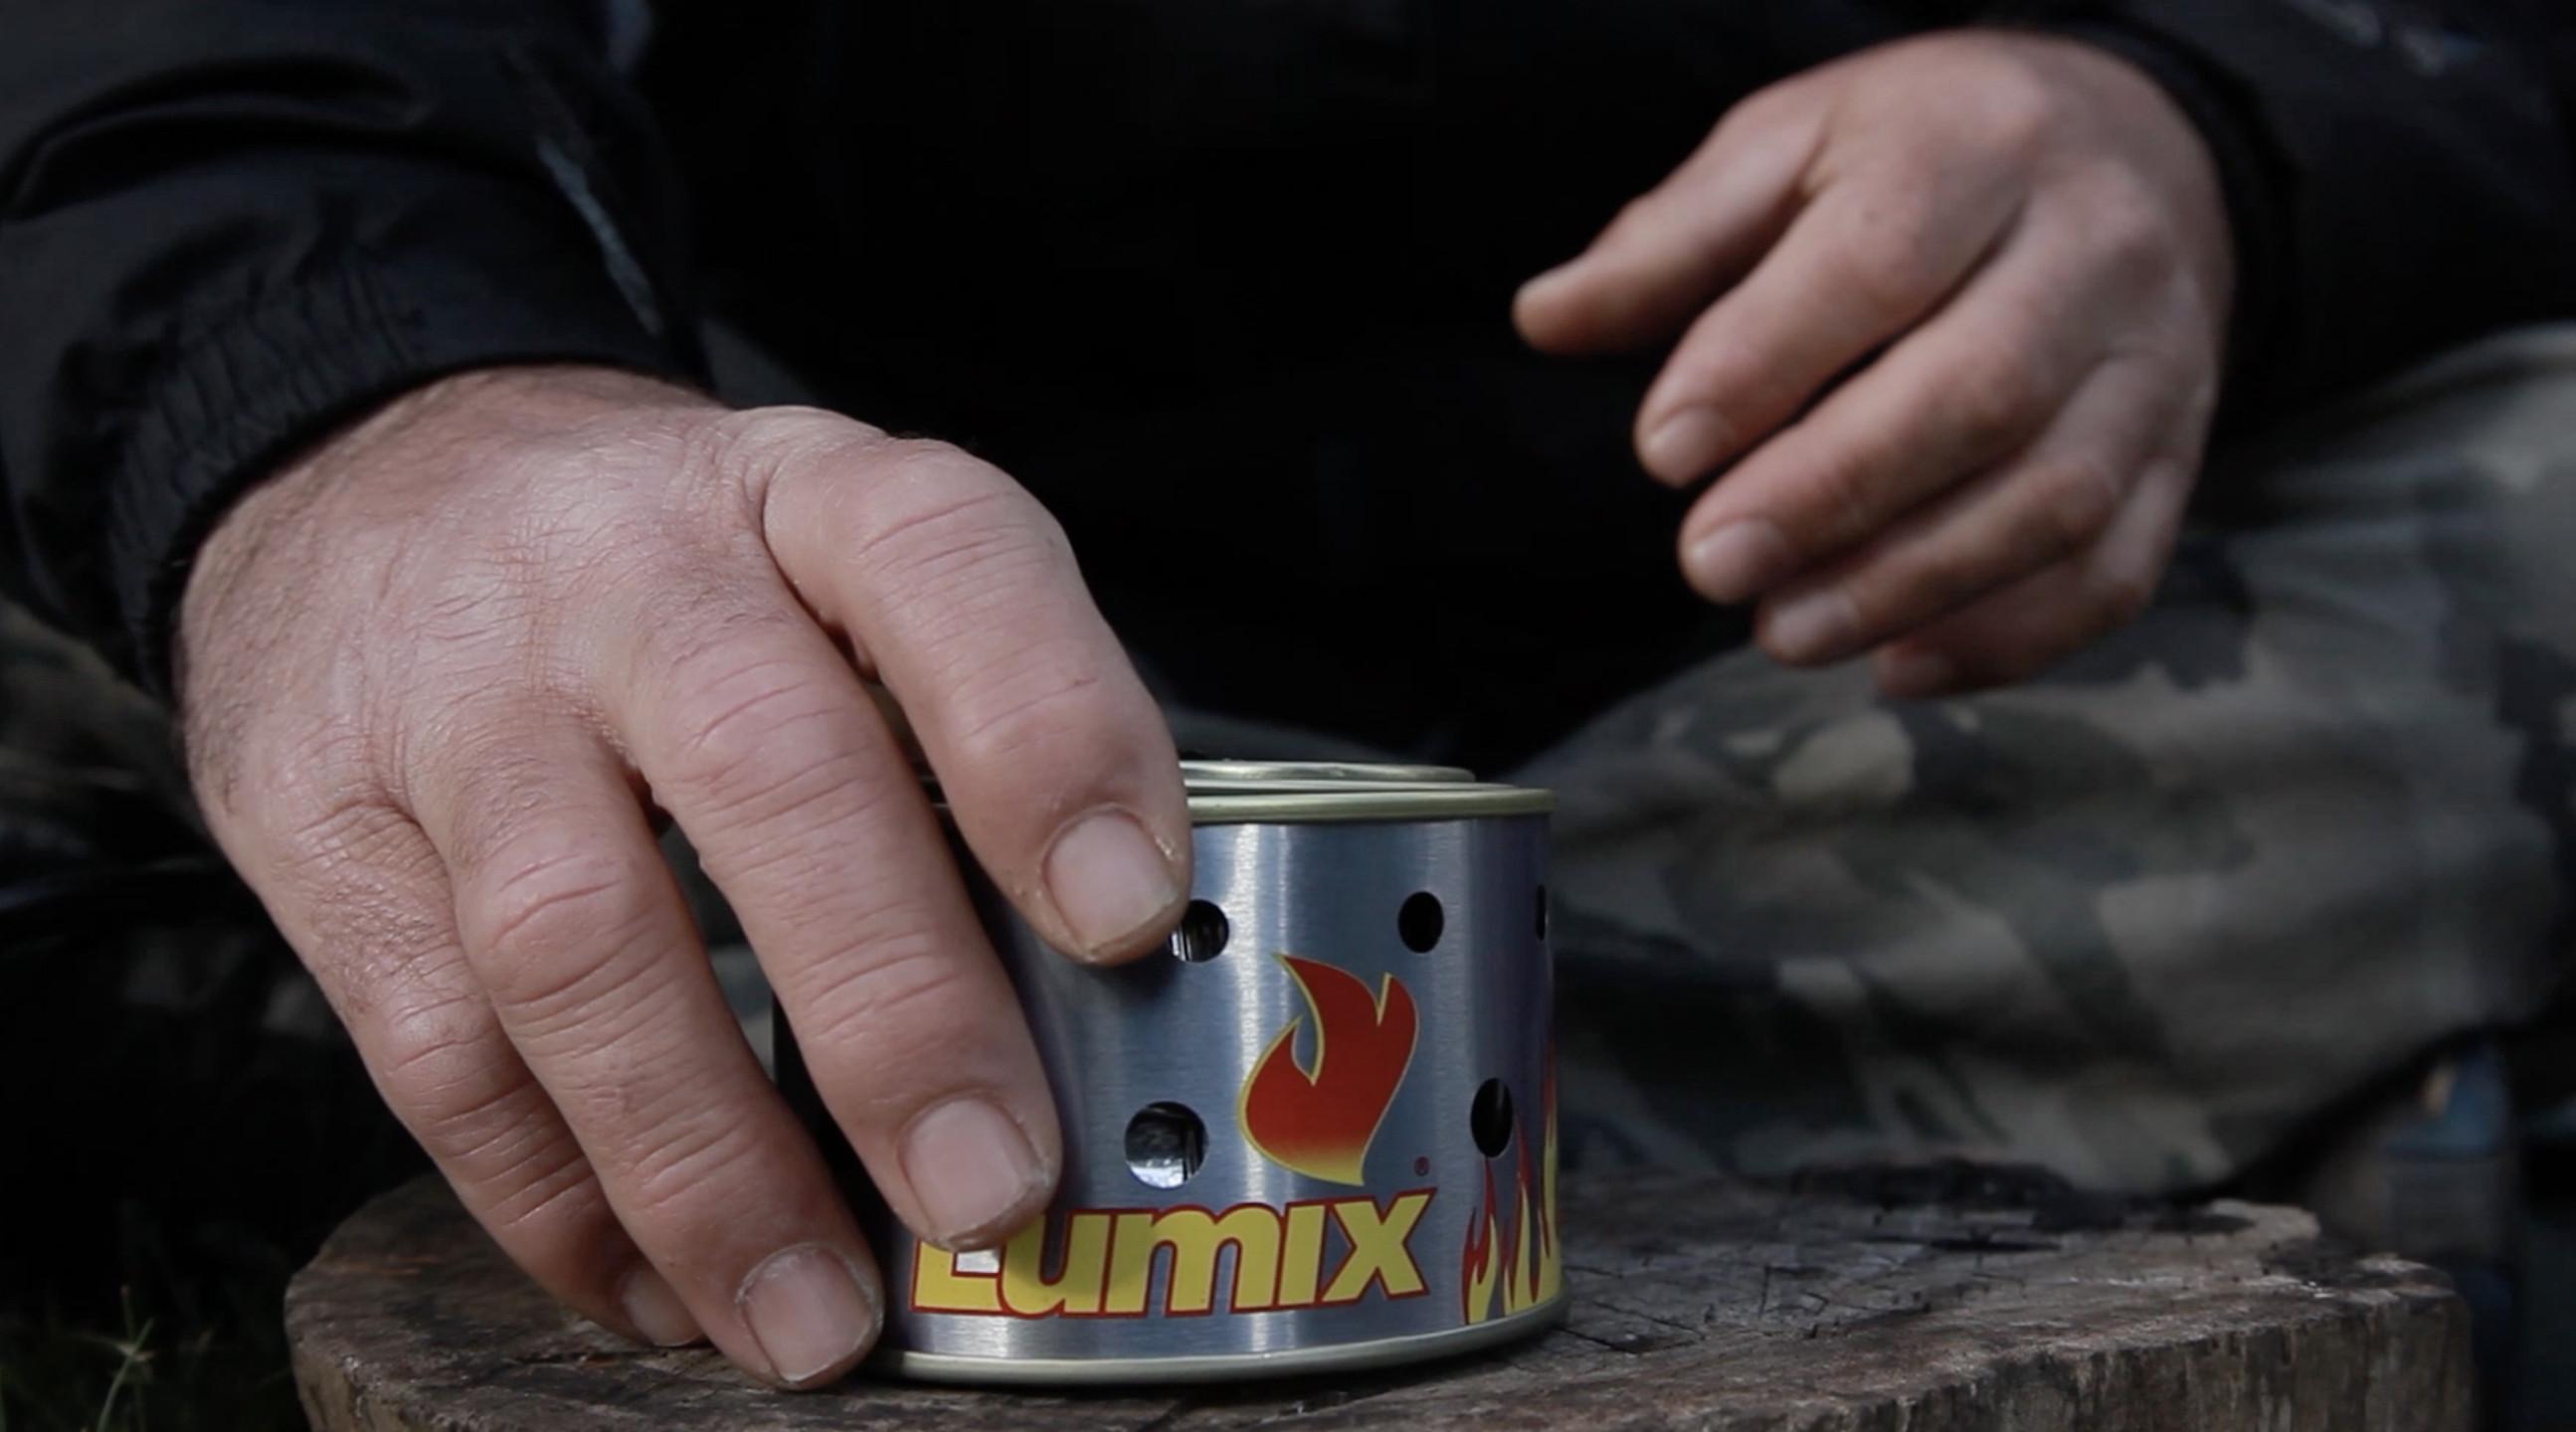 Acendedores Lumix podem ajudar o pescador em diversas ocasiões